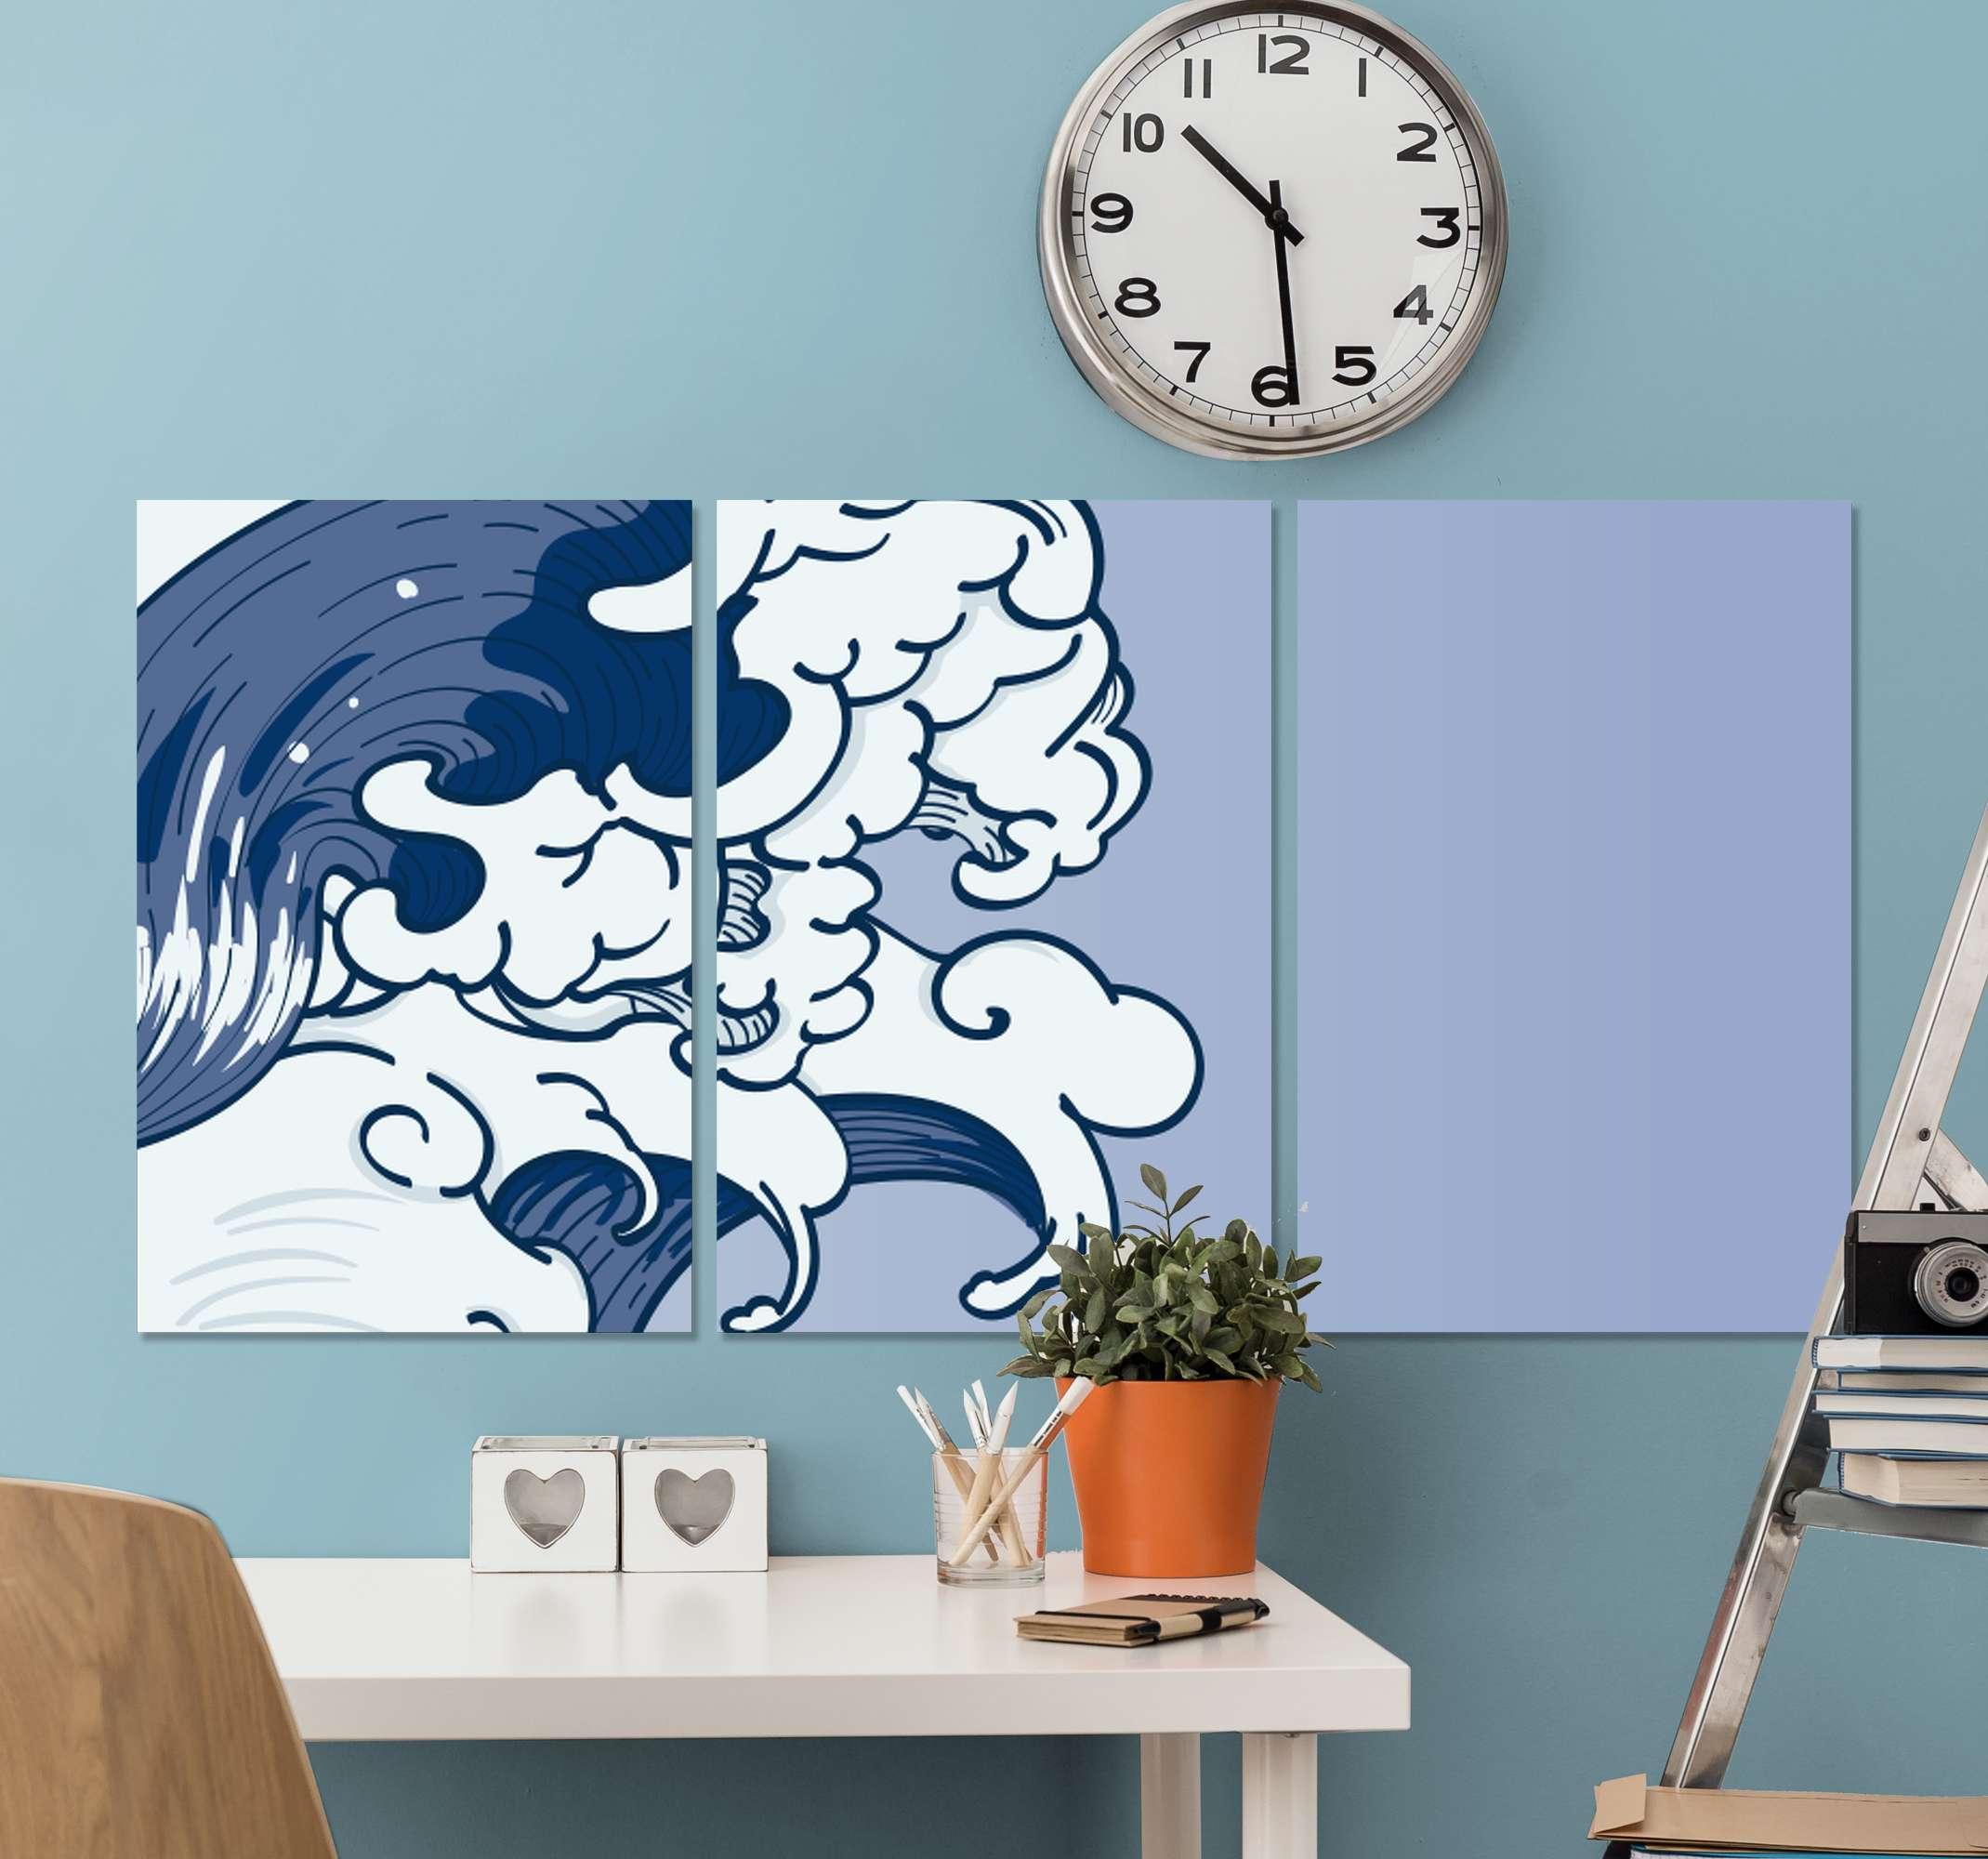 TenStickers. 哦,神奈川客厅的壁画. 神奈川帆布画艺术为您的家居装饰。这三幅家用画布艺术设计说明了神奈川县的象征性巨潮。